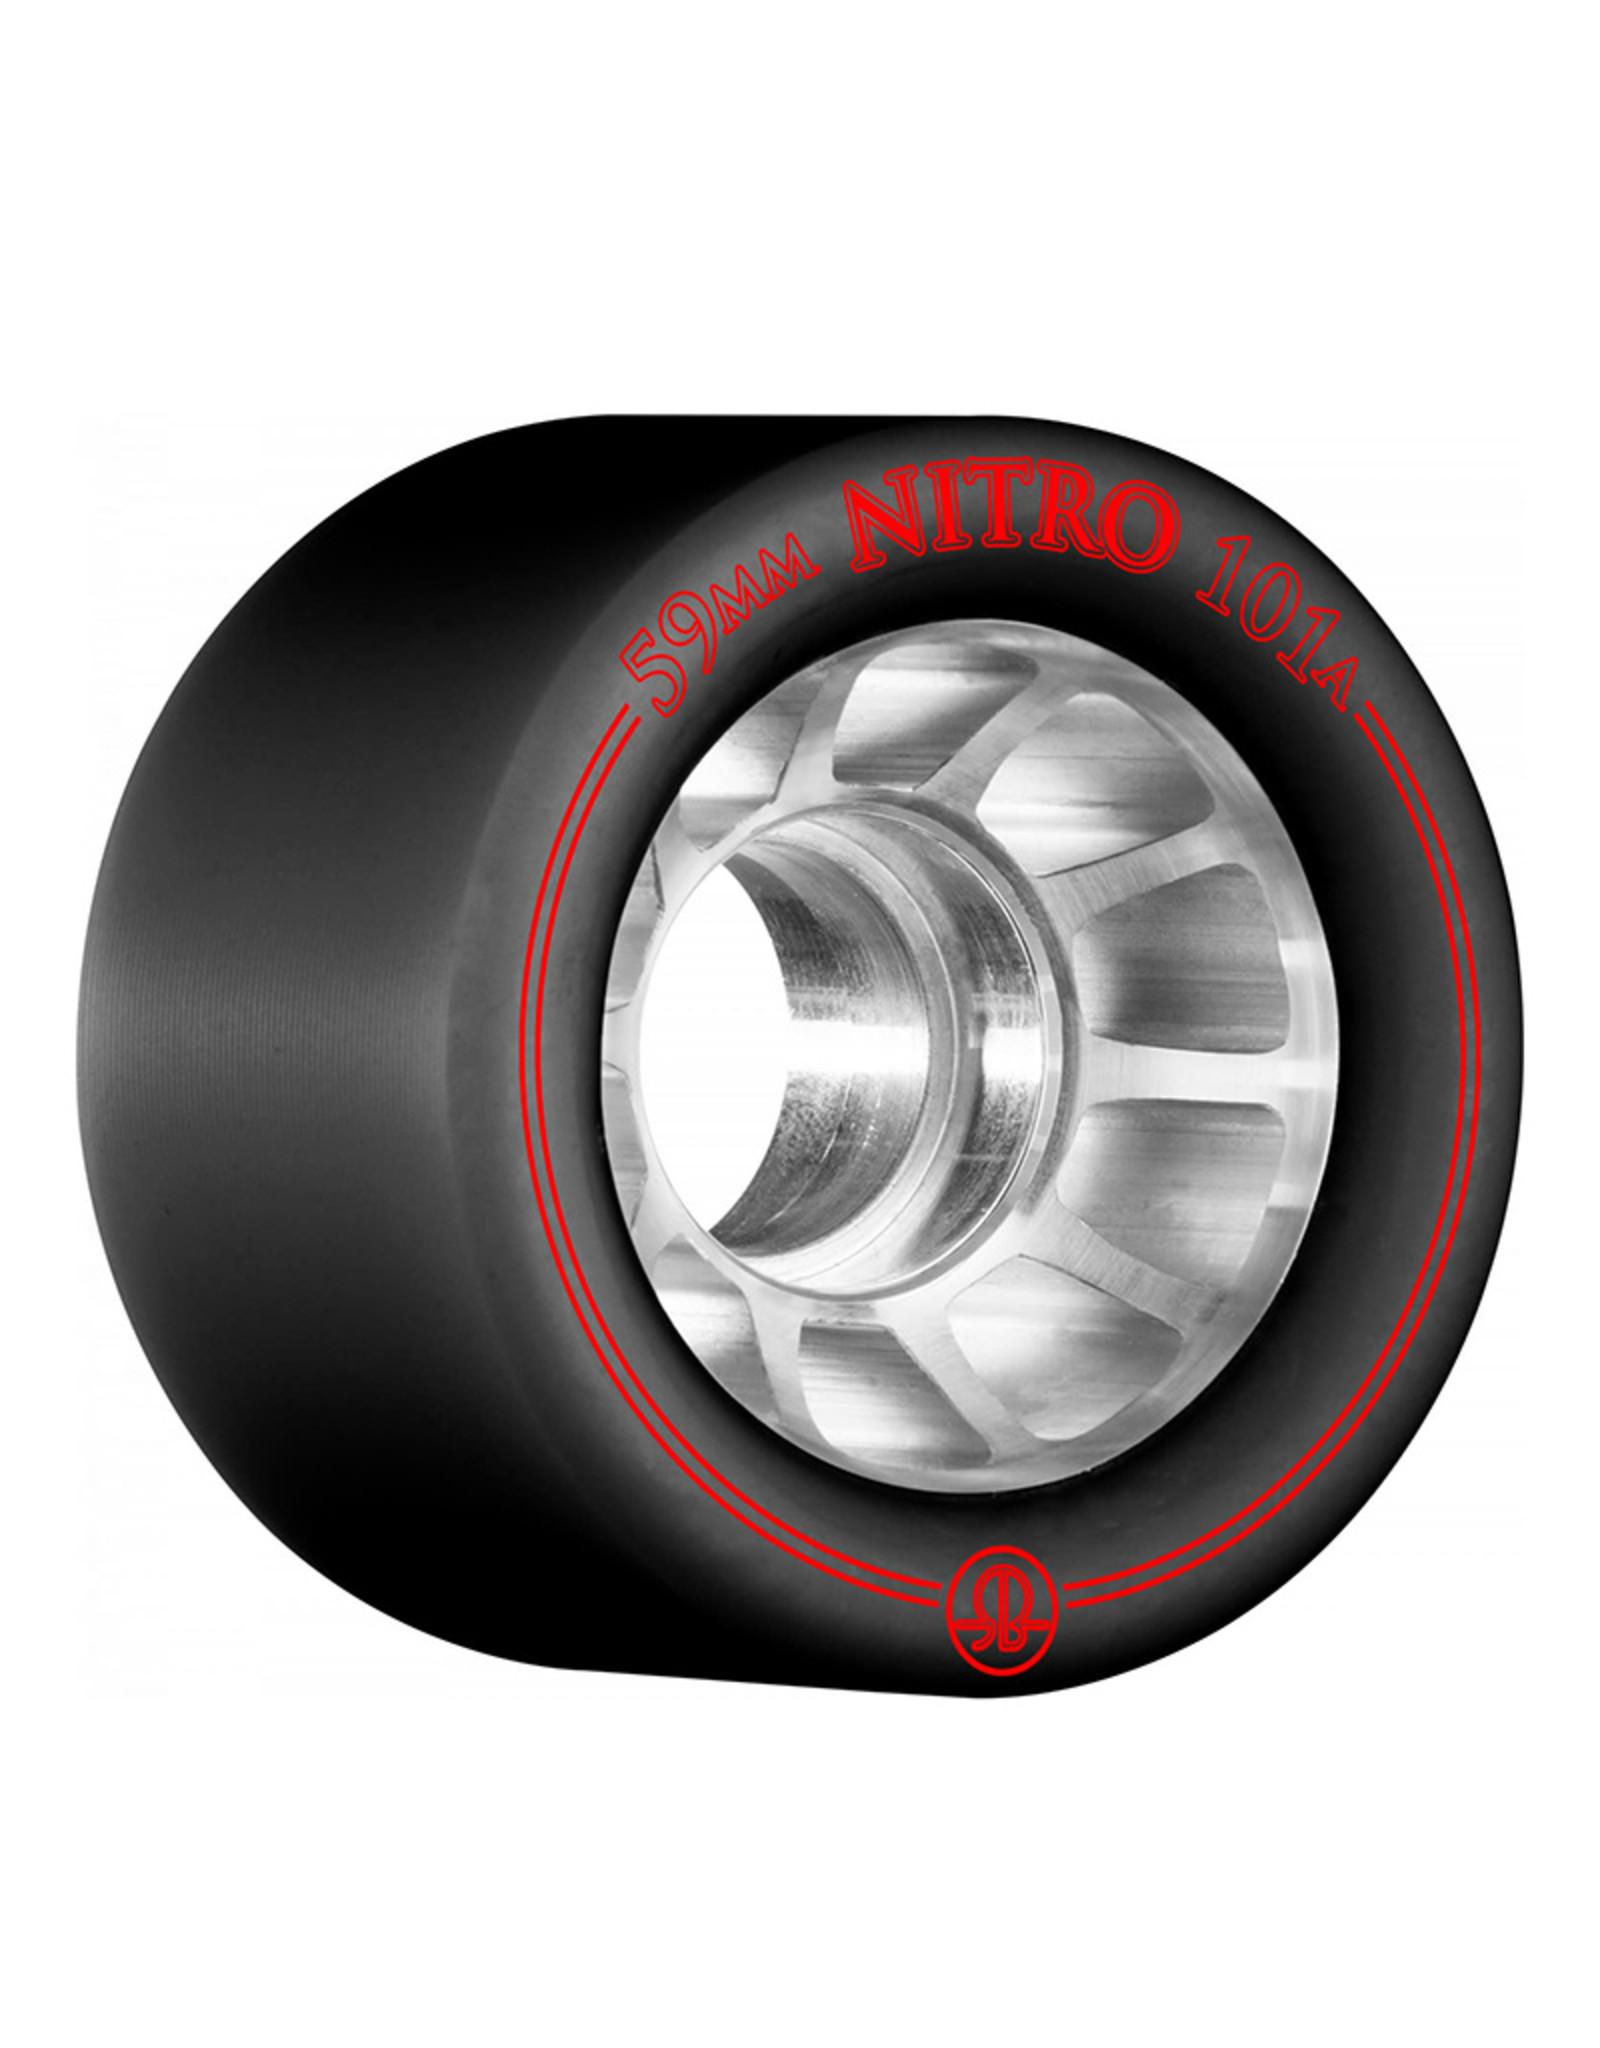 Bones Rollerbones Nitro Wheels, 4 Pack